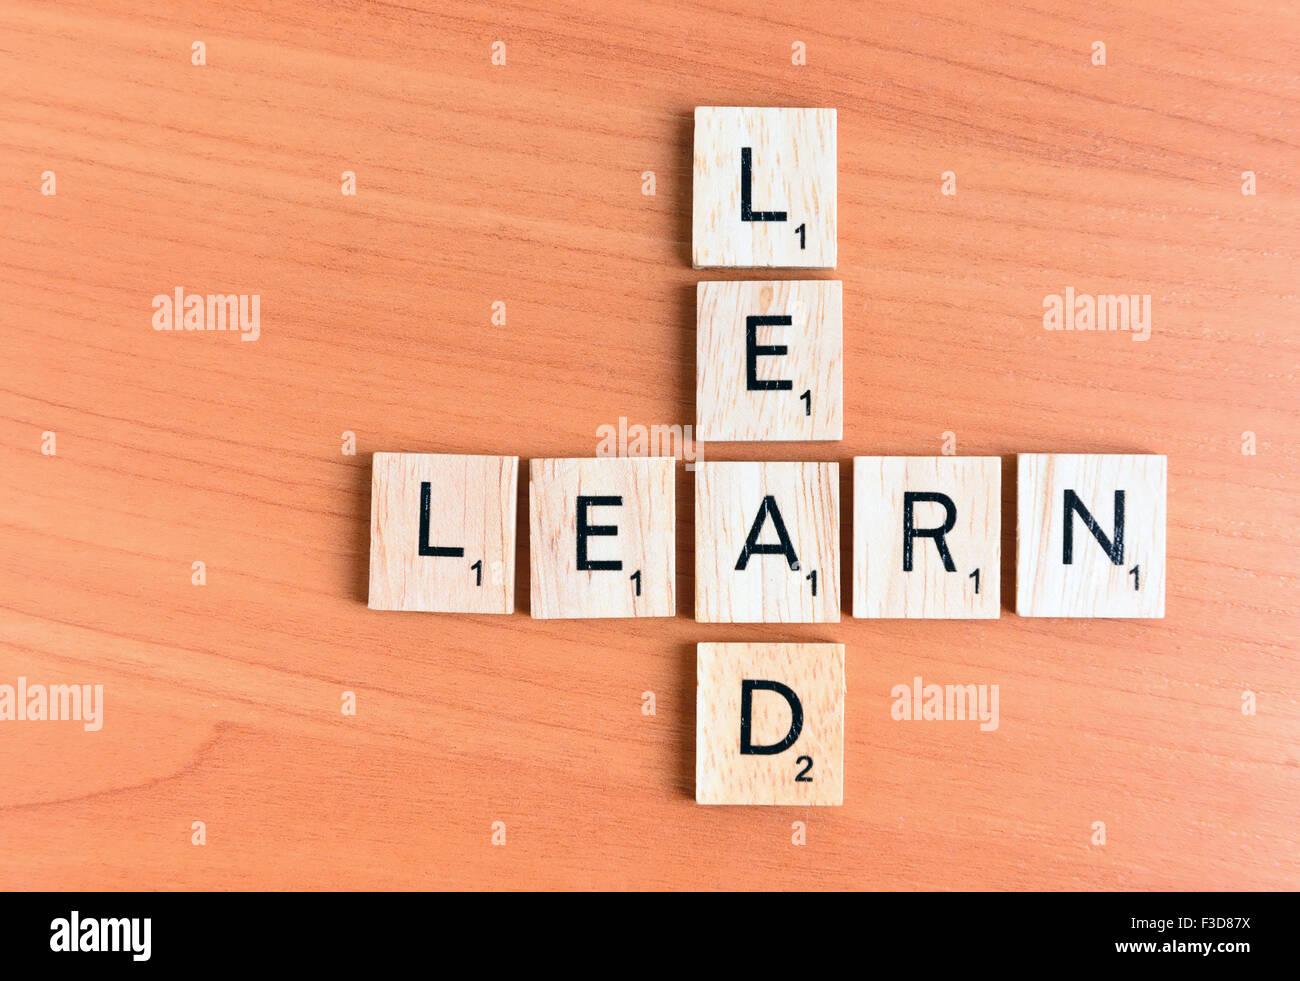 Apprendre et entraîner le texte sur un fond de bois Photo Stock